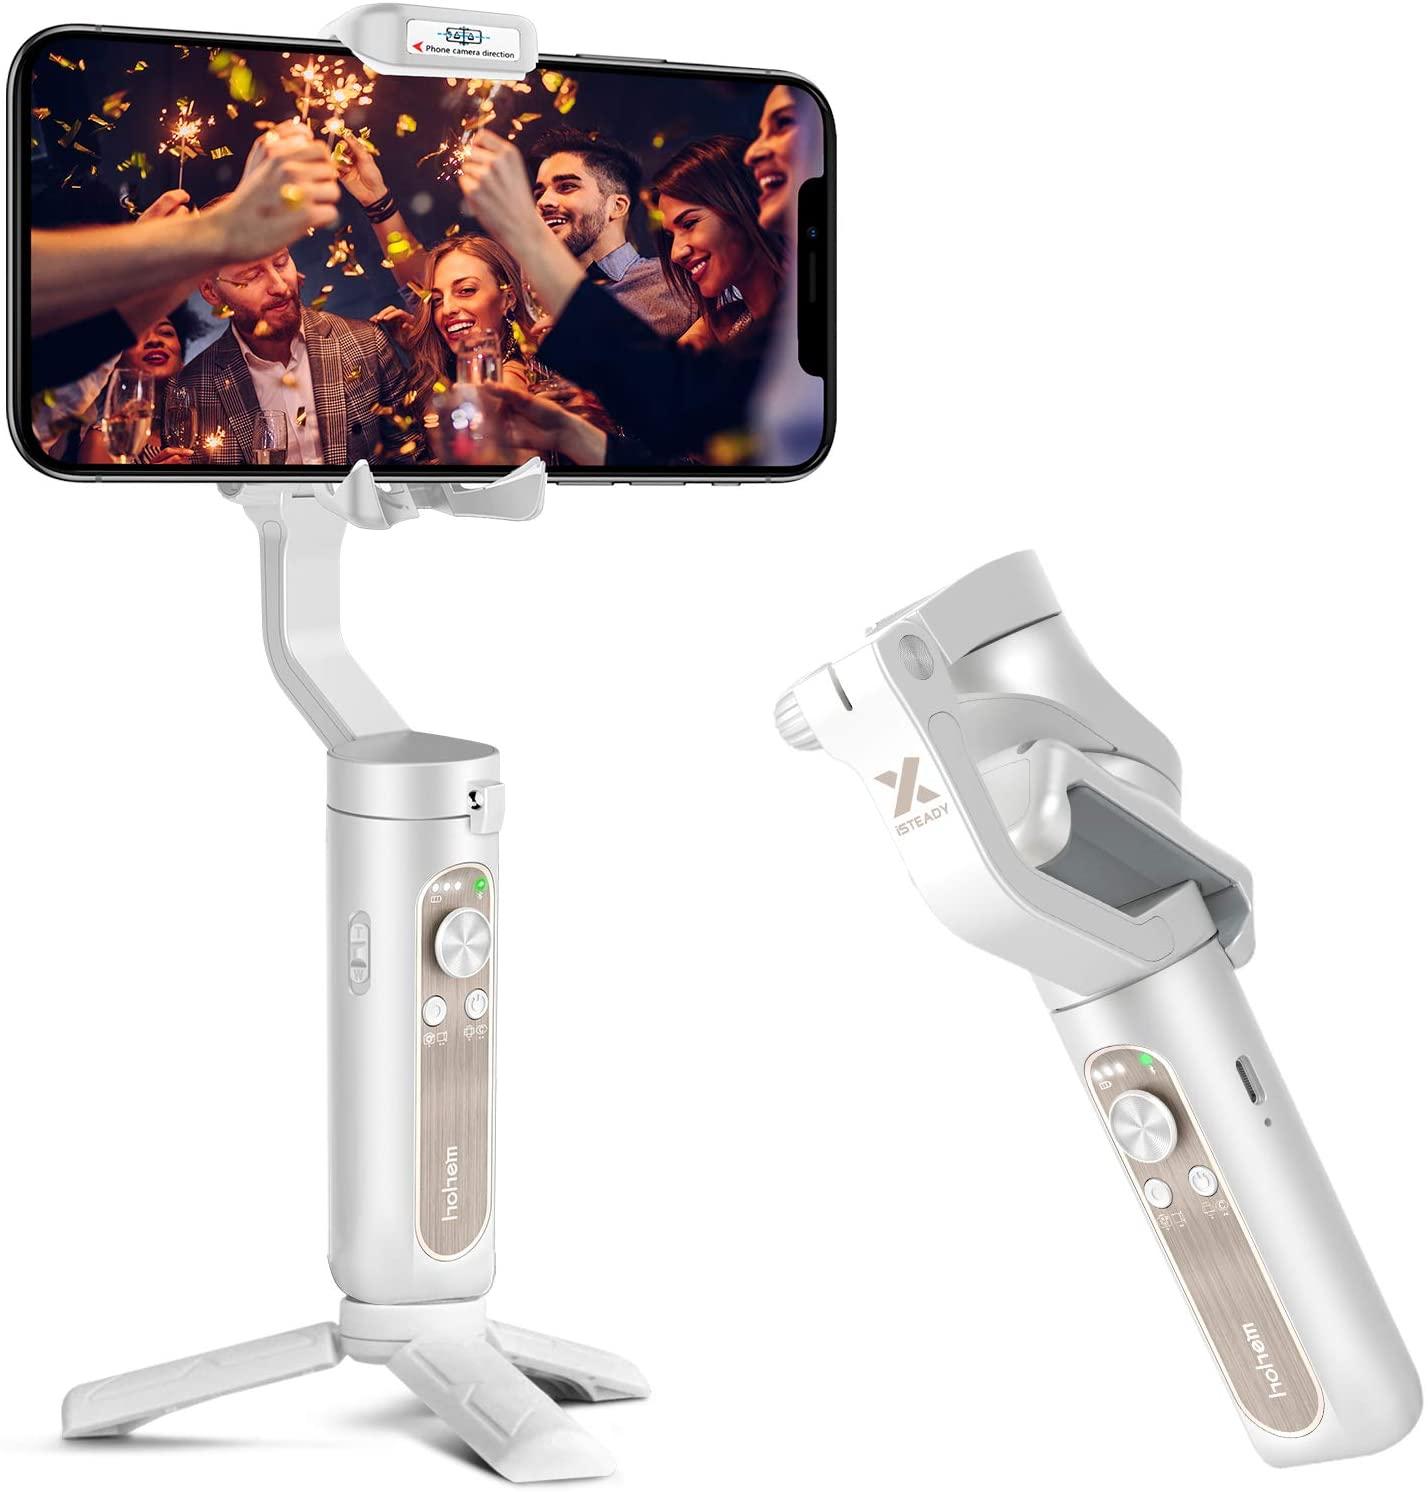 Uno stabilizzatore per smartphone